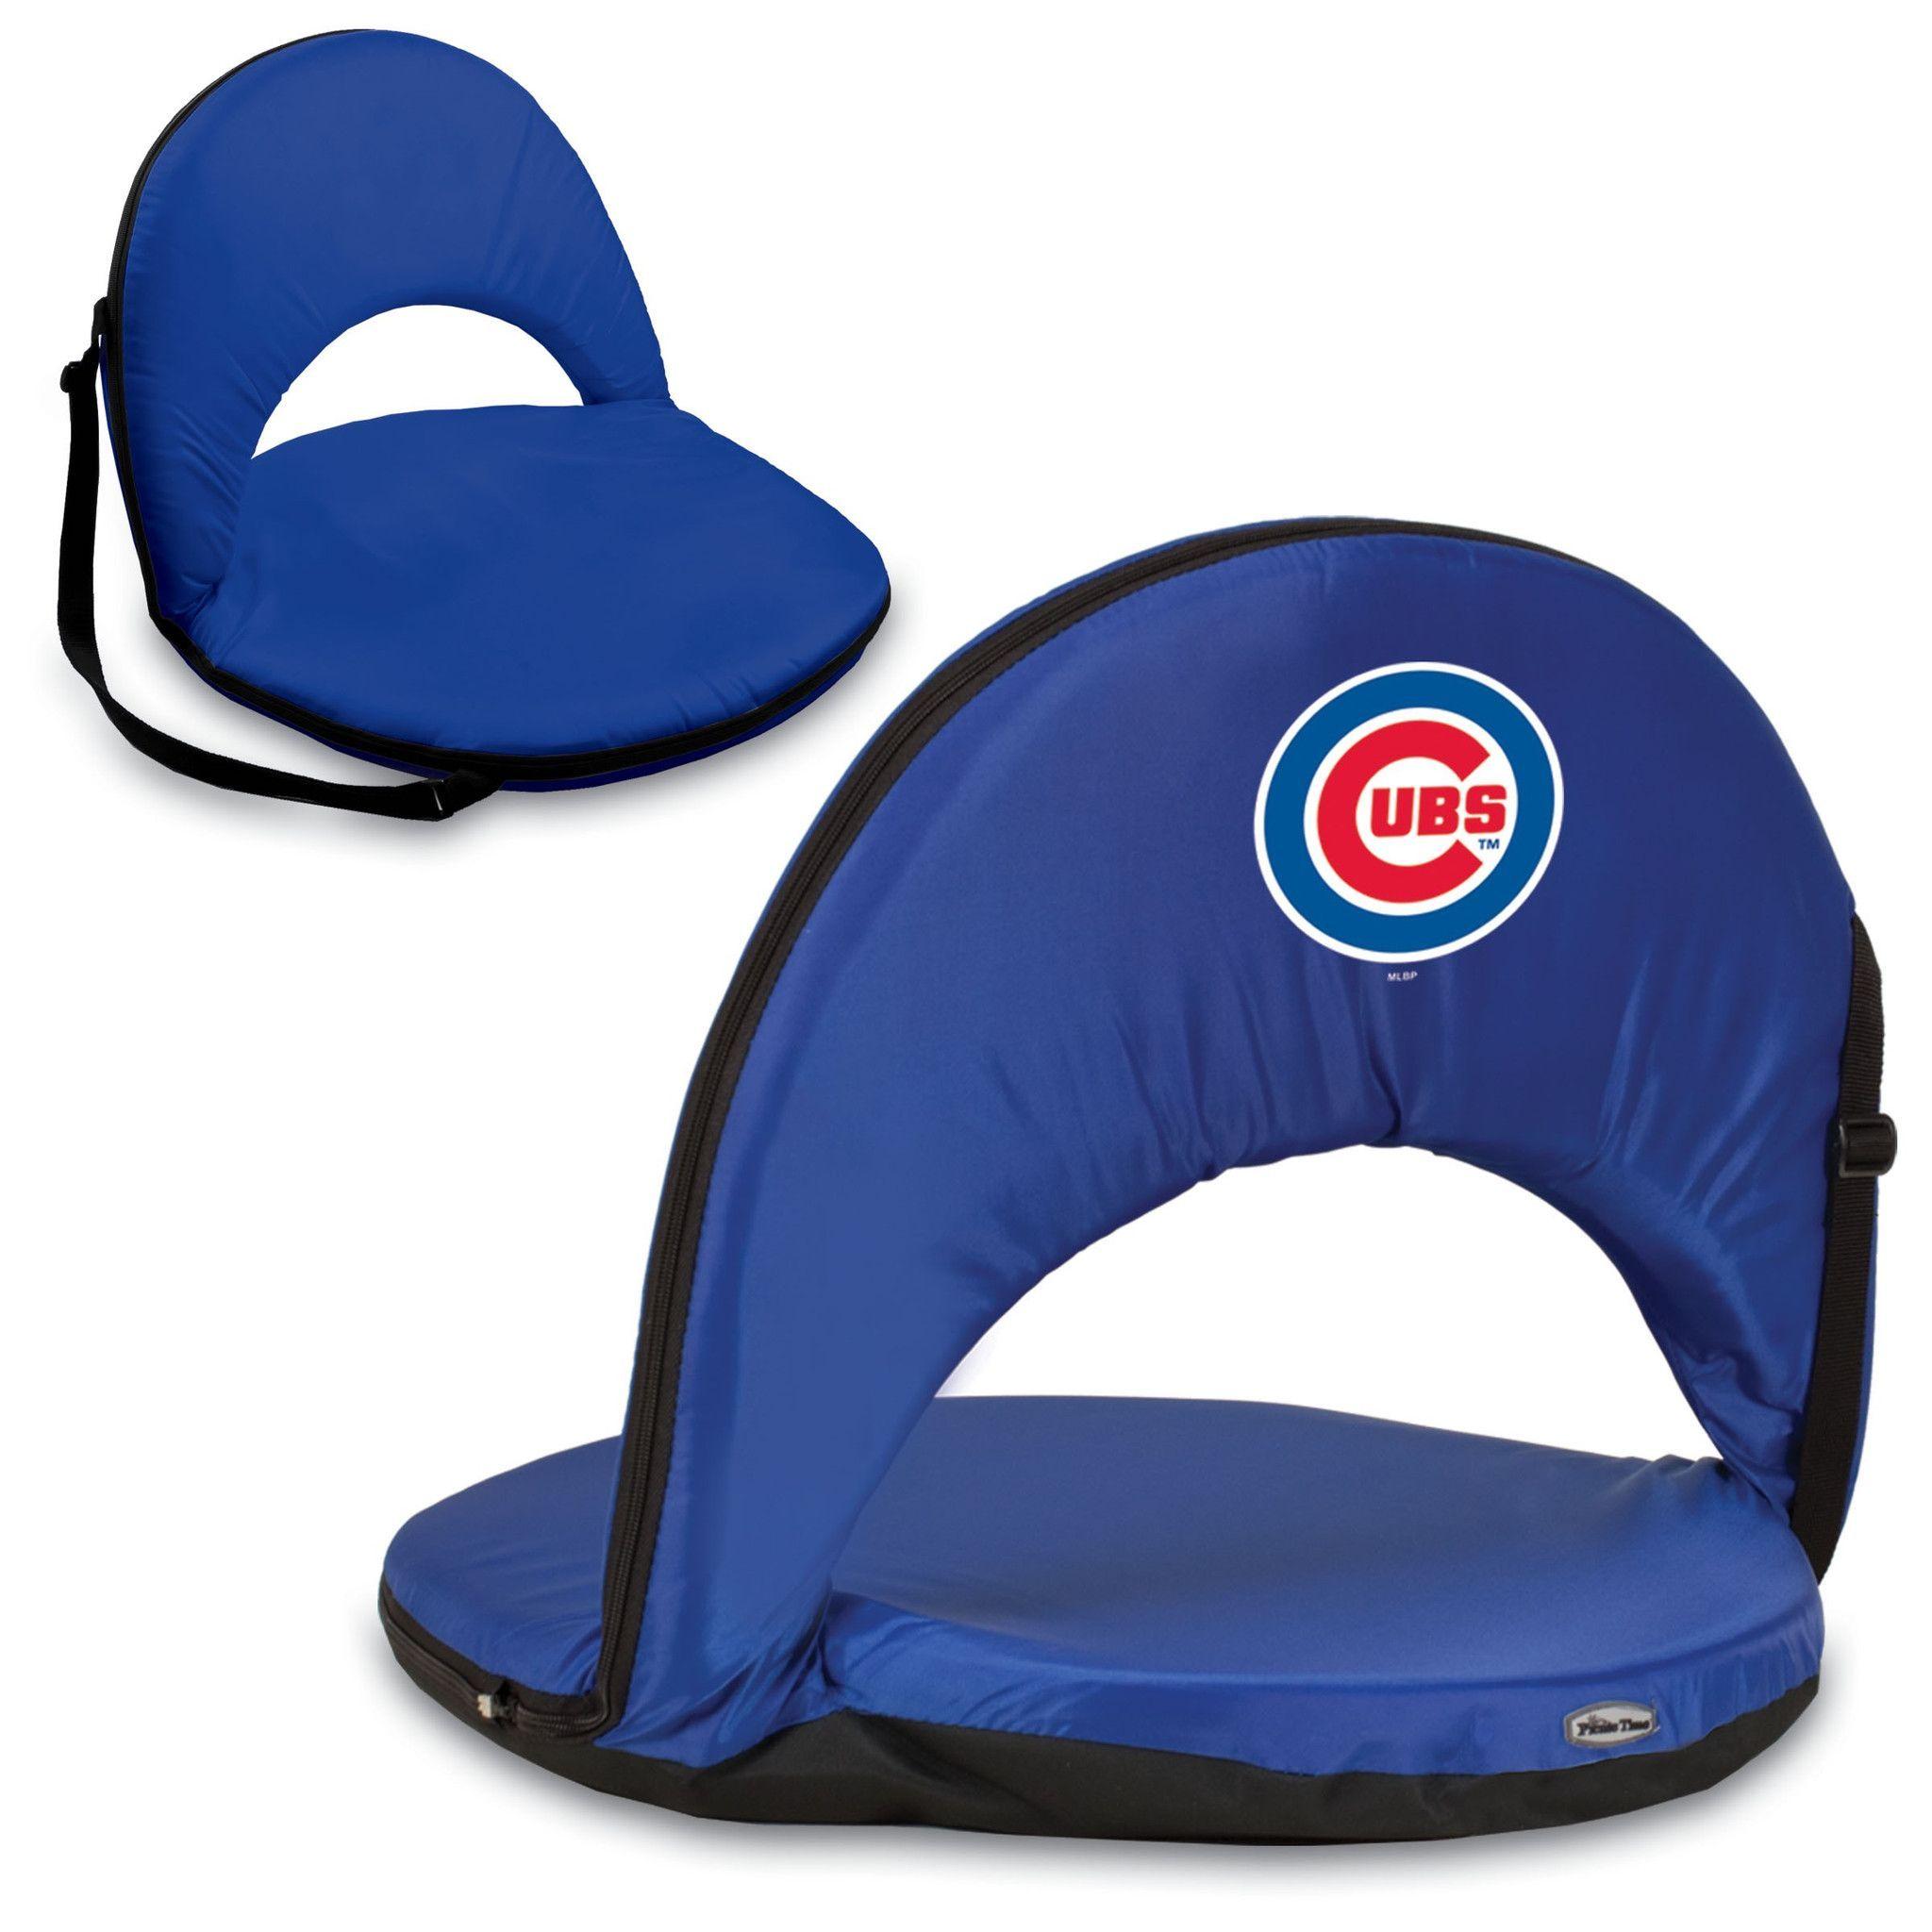 Fabulous Chicago Cubs Stadium Seat Beach Chair Gaming Chair Machost Co Dining Chair Design Ideas Machostcouk